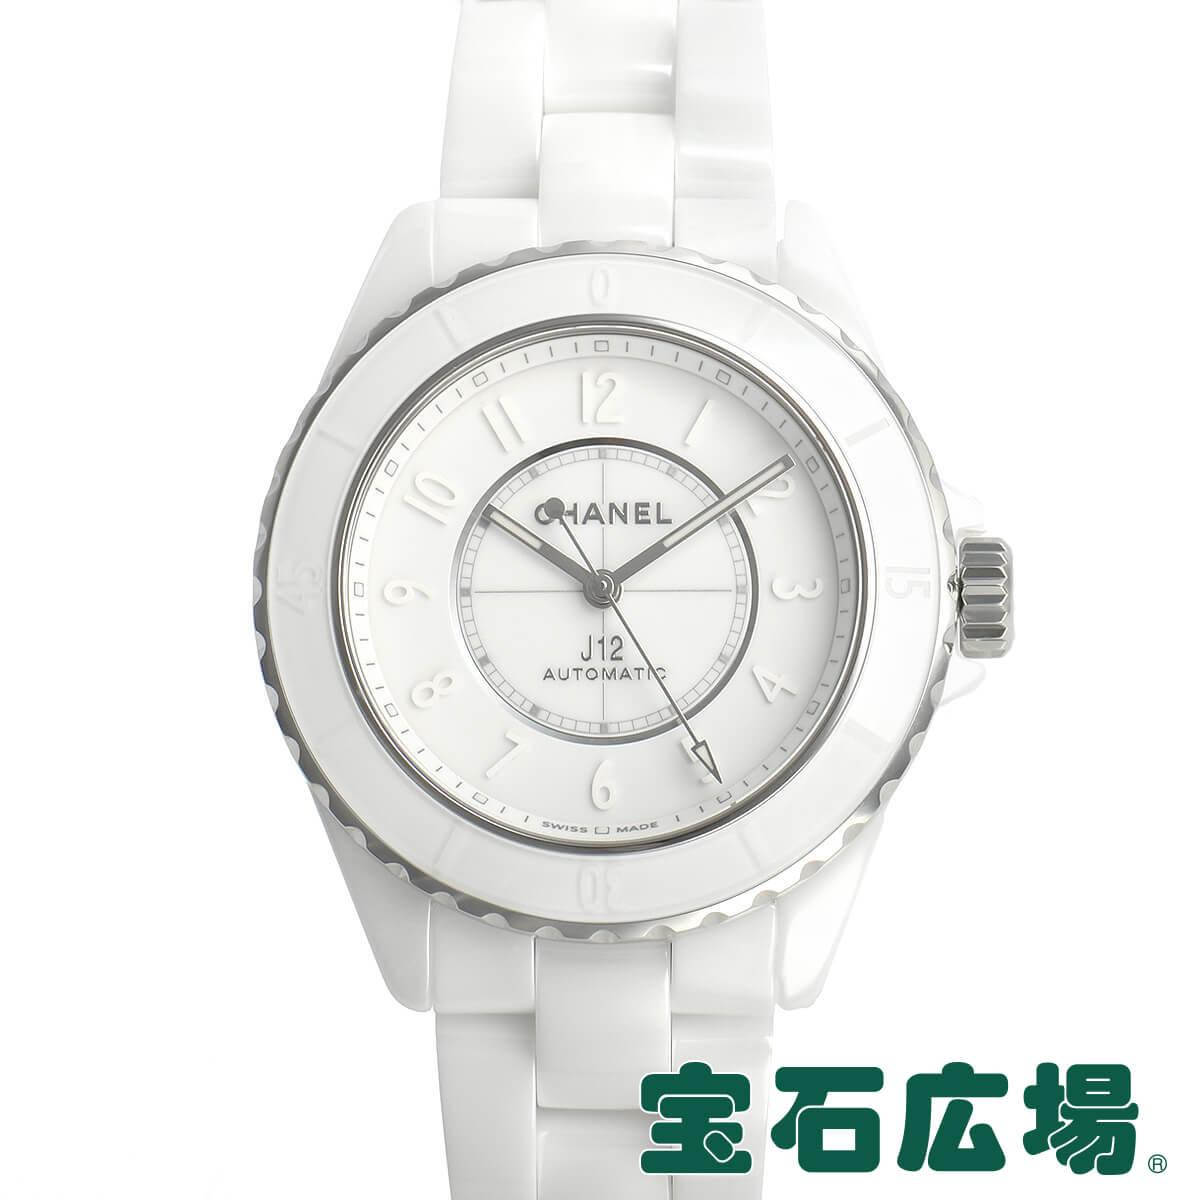 シャネル CHANEL J12 38 ファントム ホワイト 世界限定1200本 H6186【新品】メンズ 腕時計 送料無料